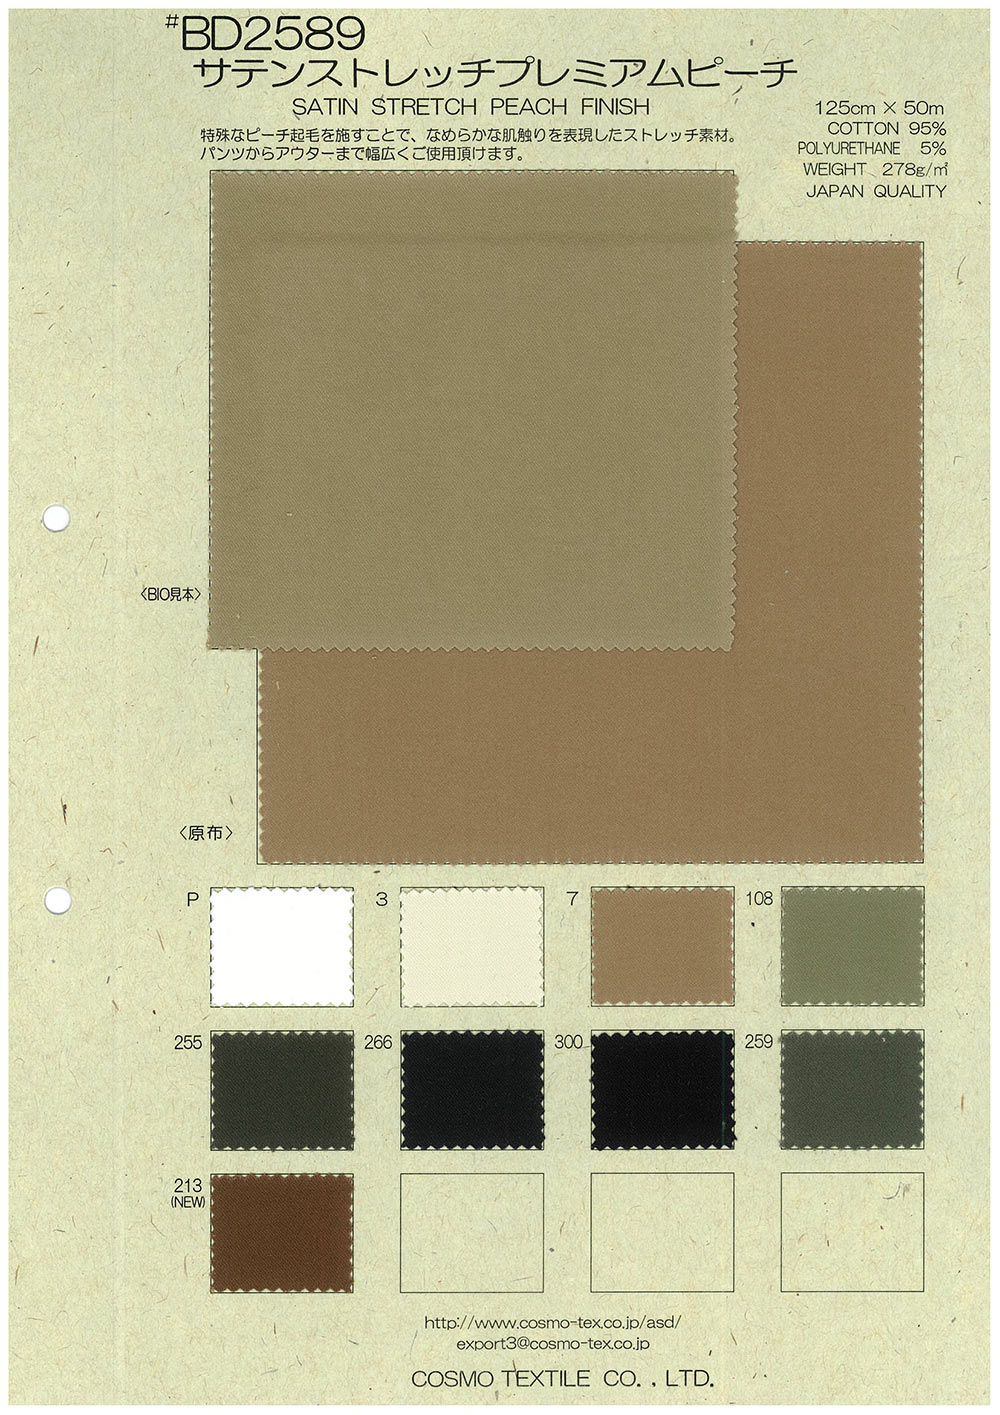 BD2589 サテンストレッチピーチ[生地] コスモテキスタイル/オークラ商事 - ApparelX アパレル資材卸通販